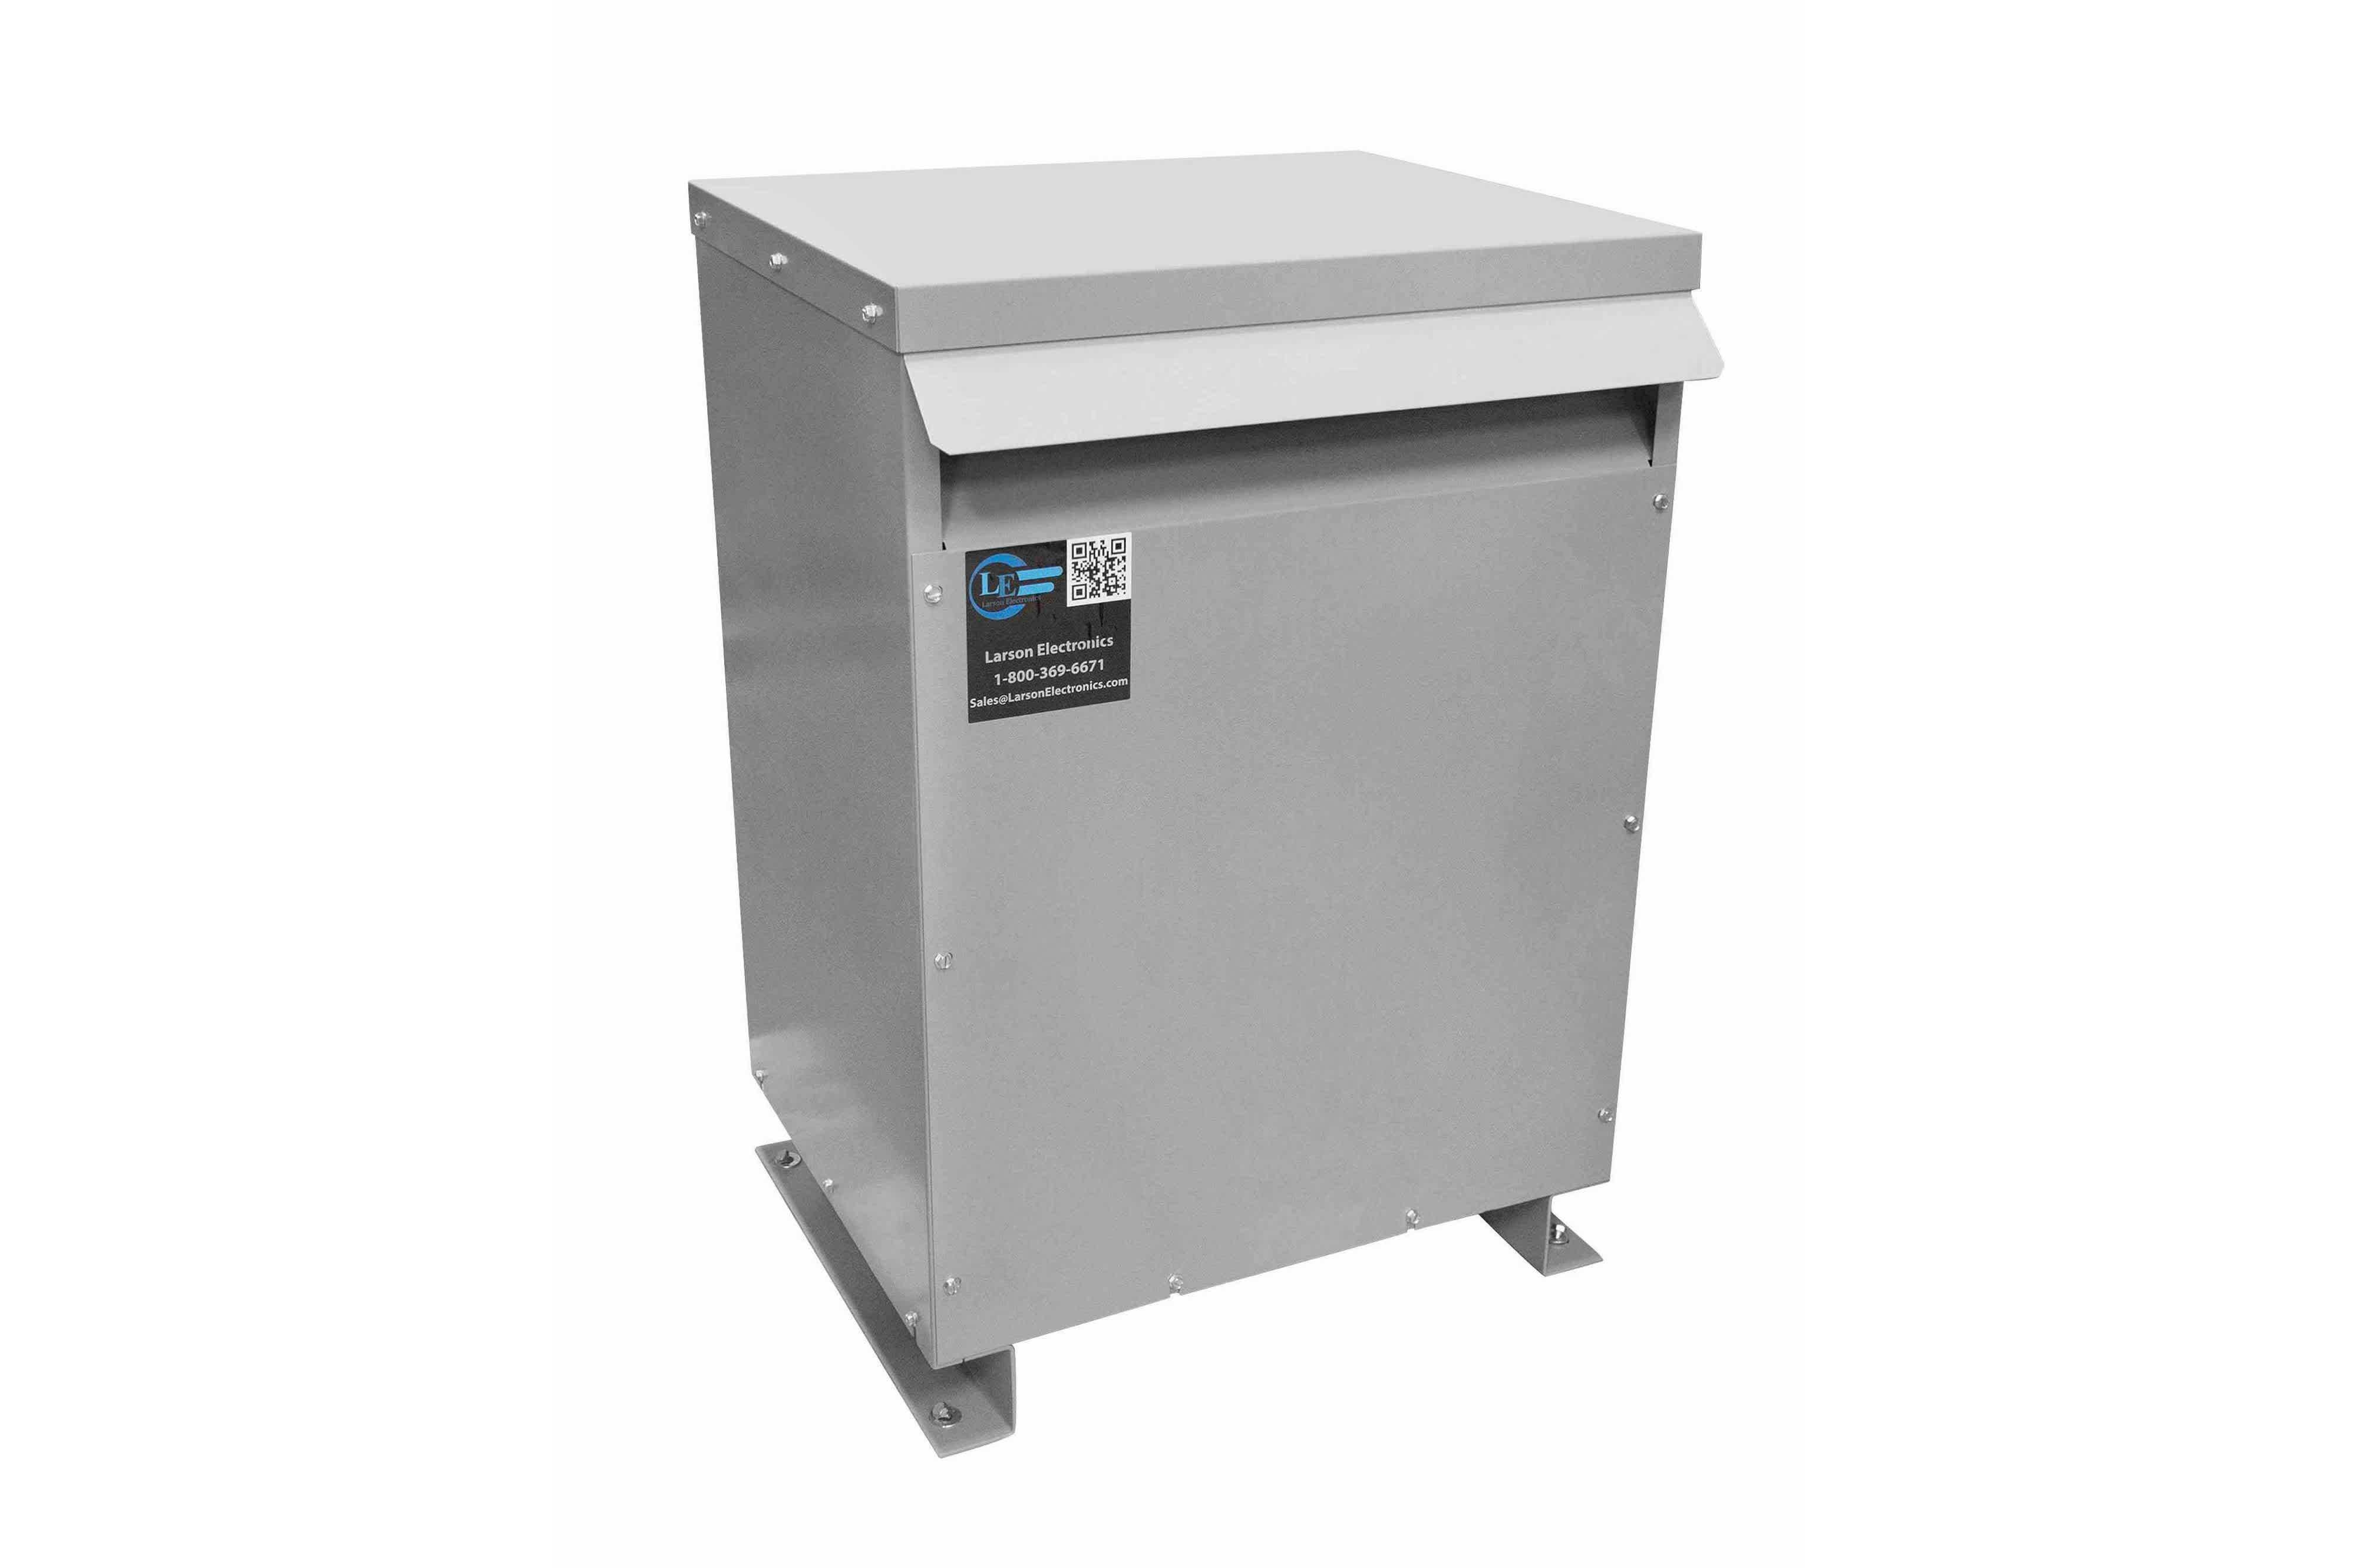 150 kVA 3PH Isolation Transformer, 400V Delta Primary, 240 Delta Secondary, N3R, Ventilated, 60 Hz